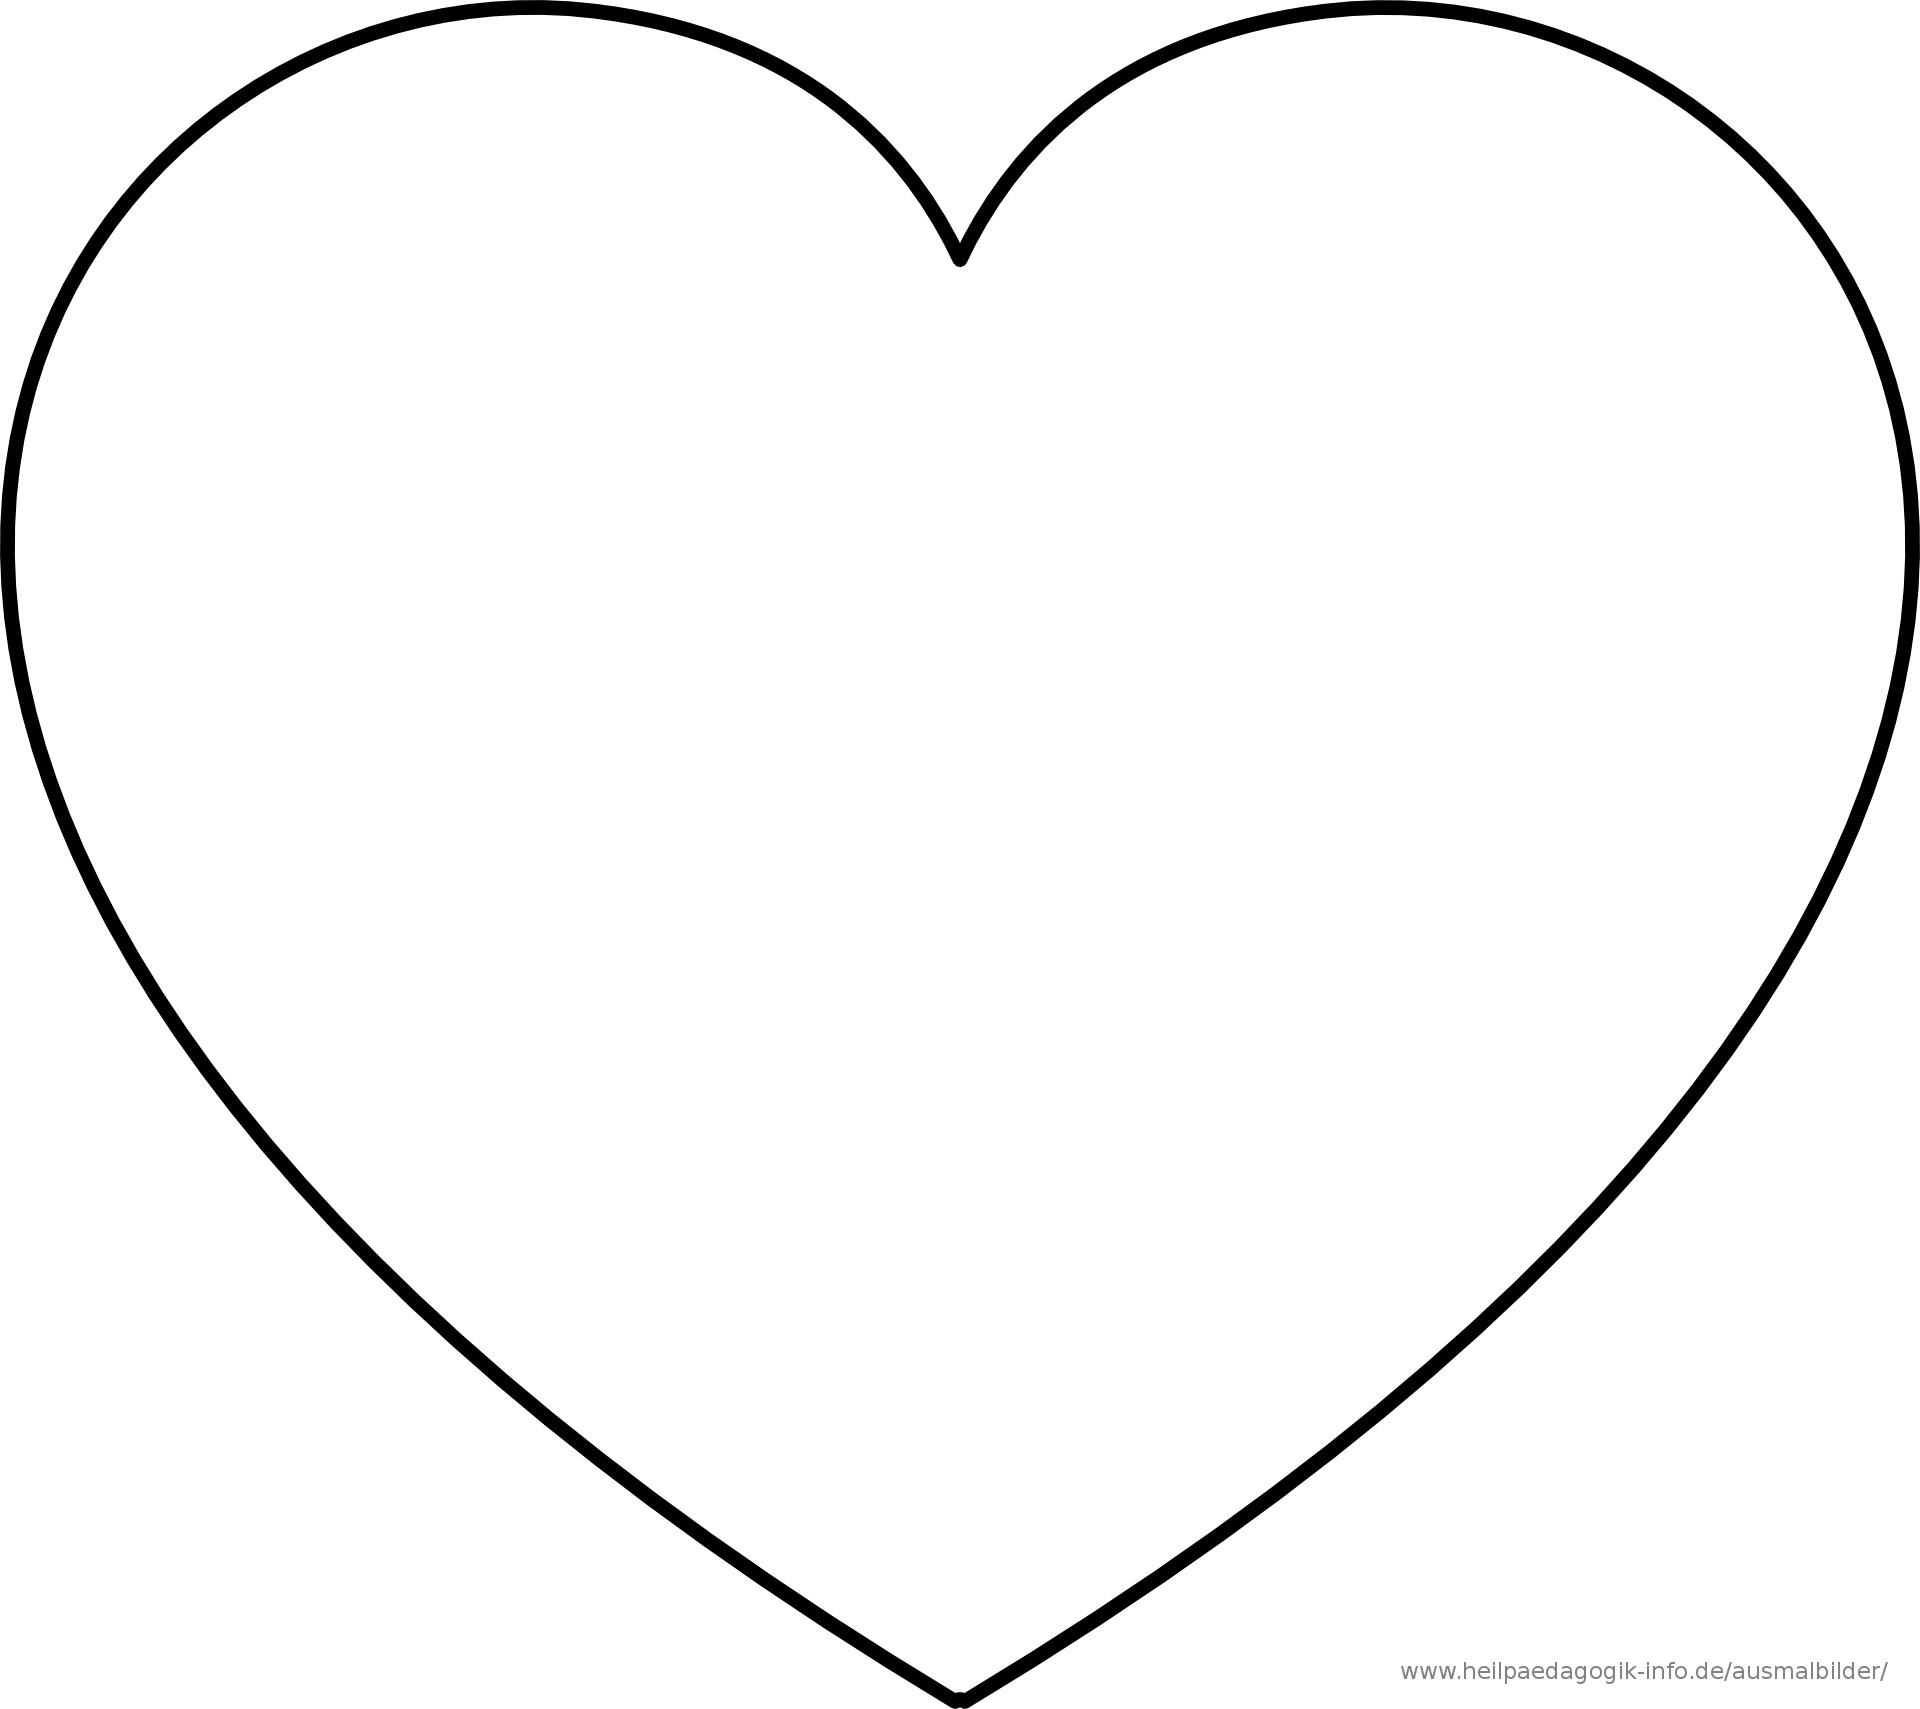 Malvorlagen Herz  ausmalbilder herz 01